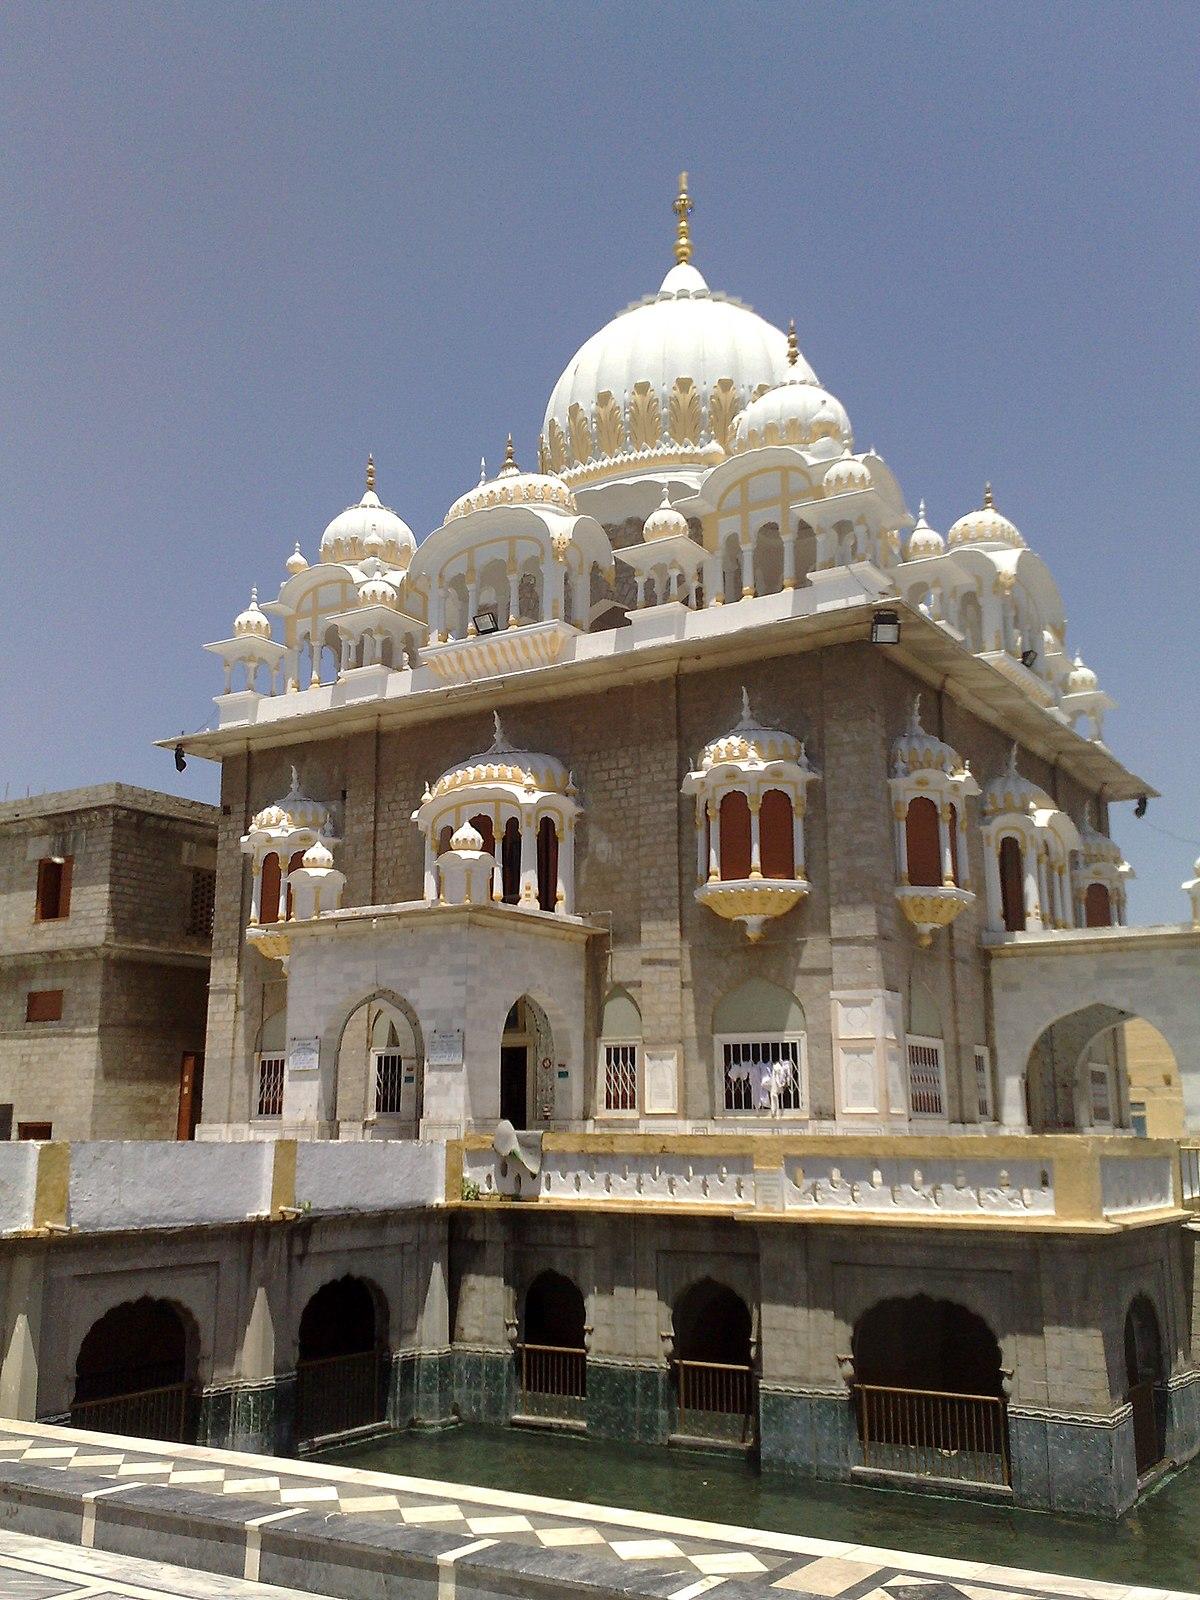 Gurdwara Panja Sahib - Wikipedia